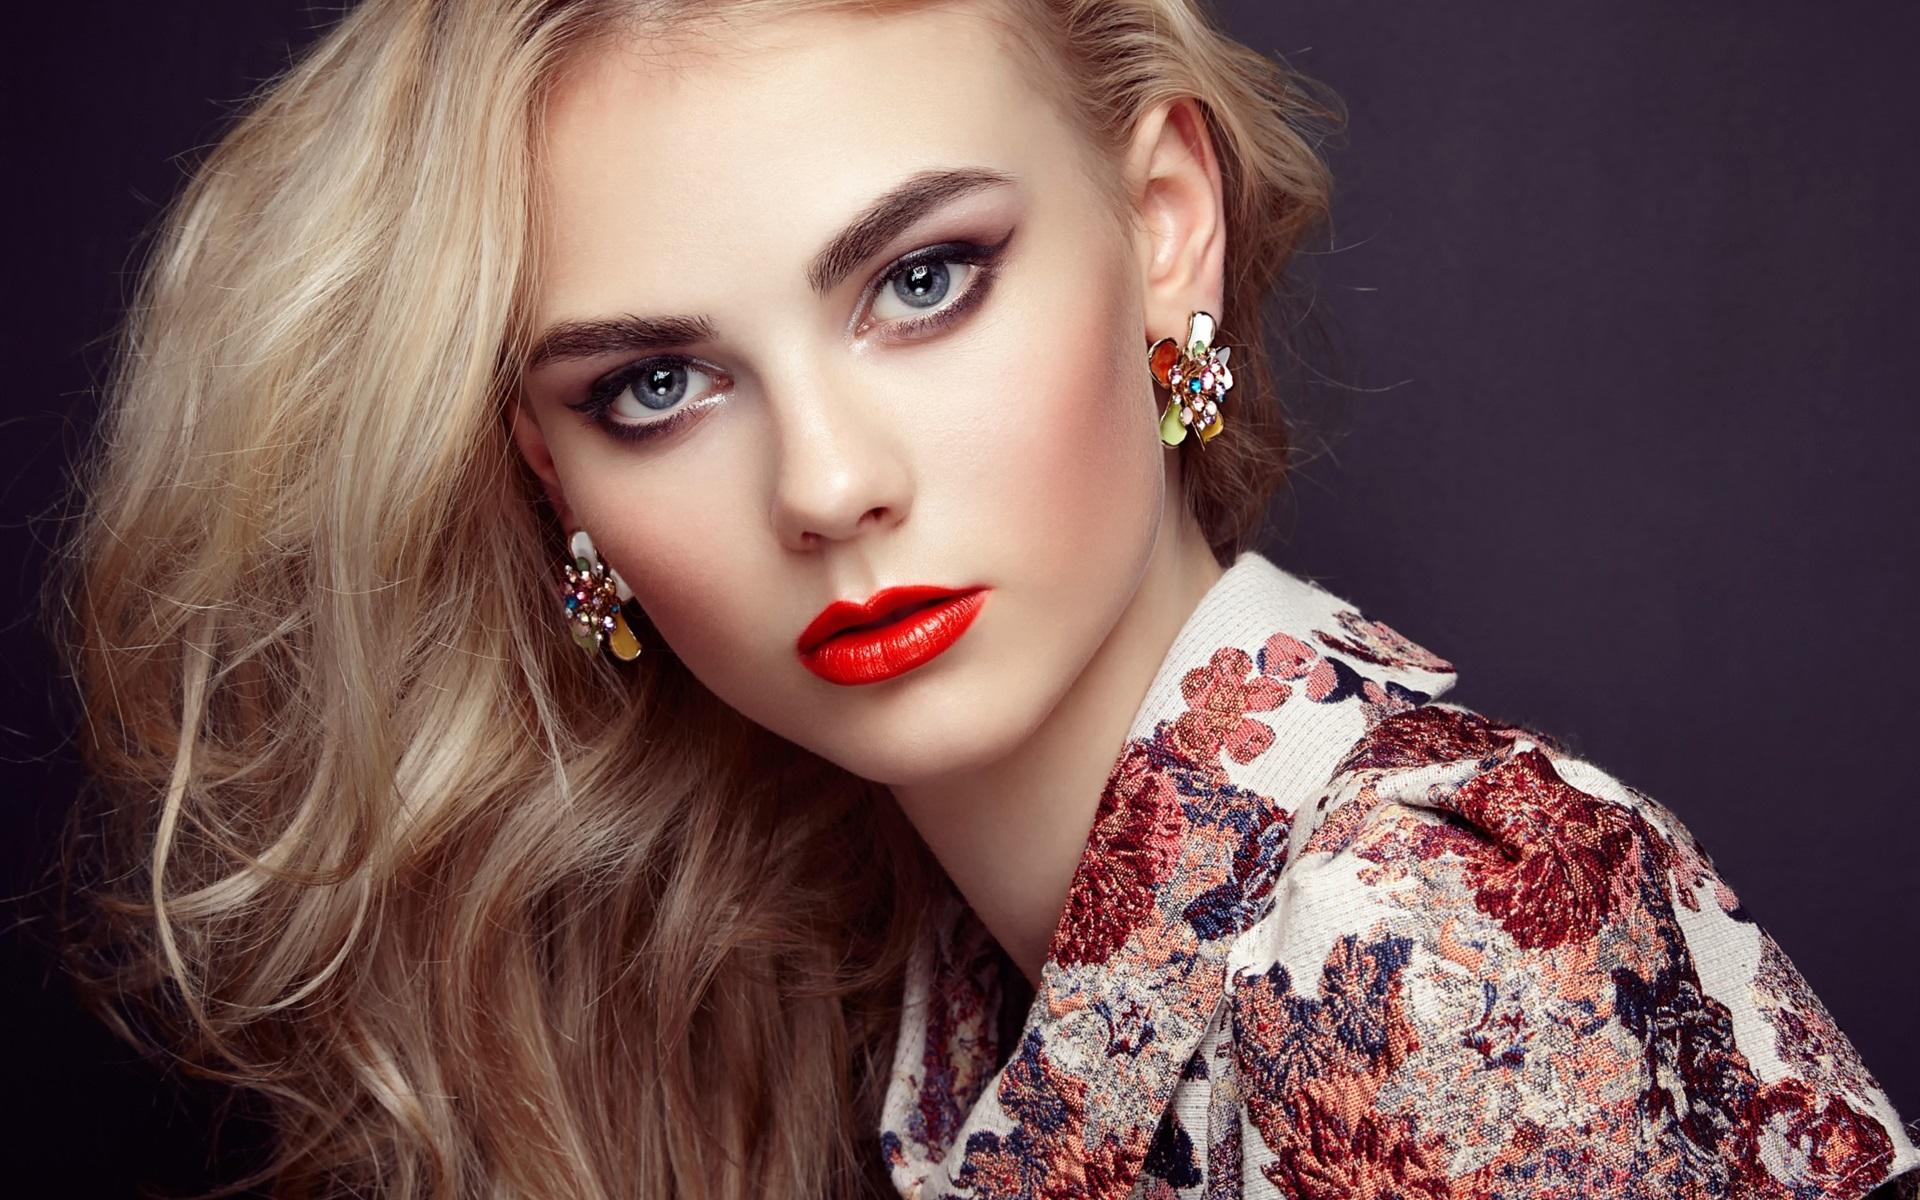 Fonds Décran Belle Fille Femme Sensuelle De La Mode